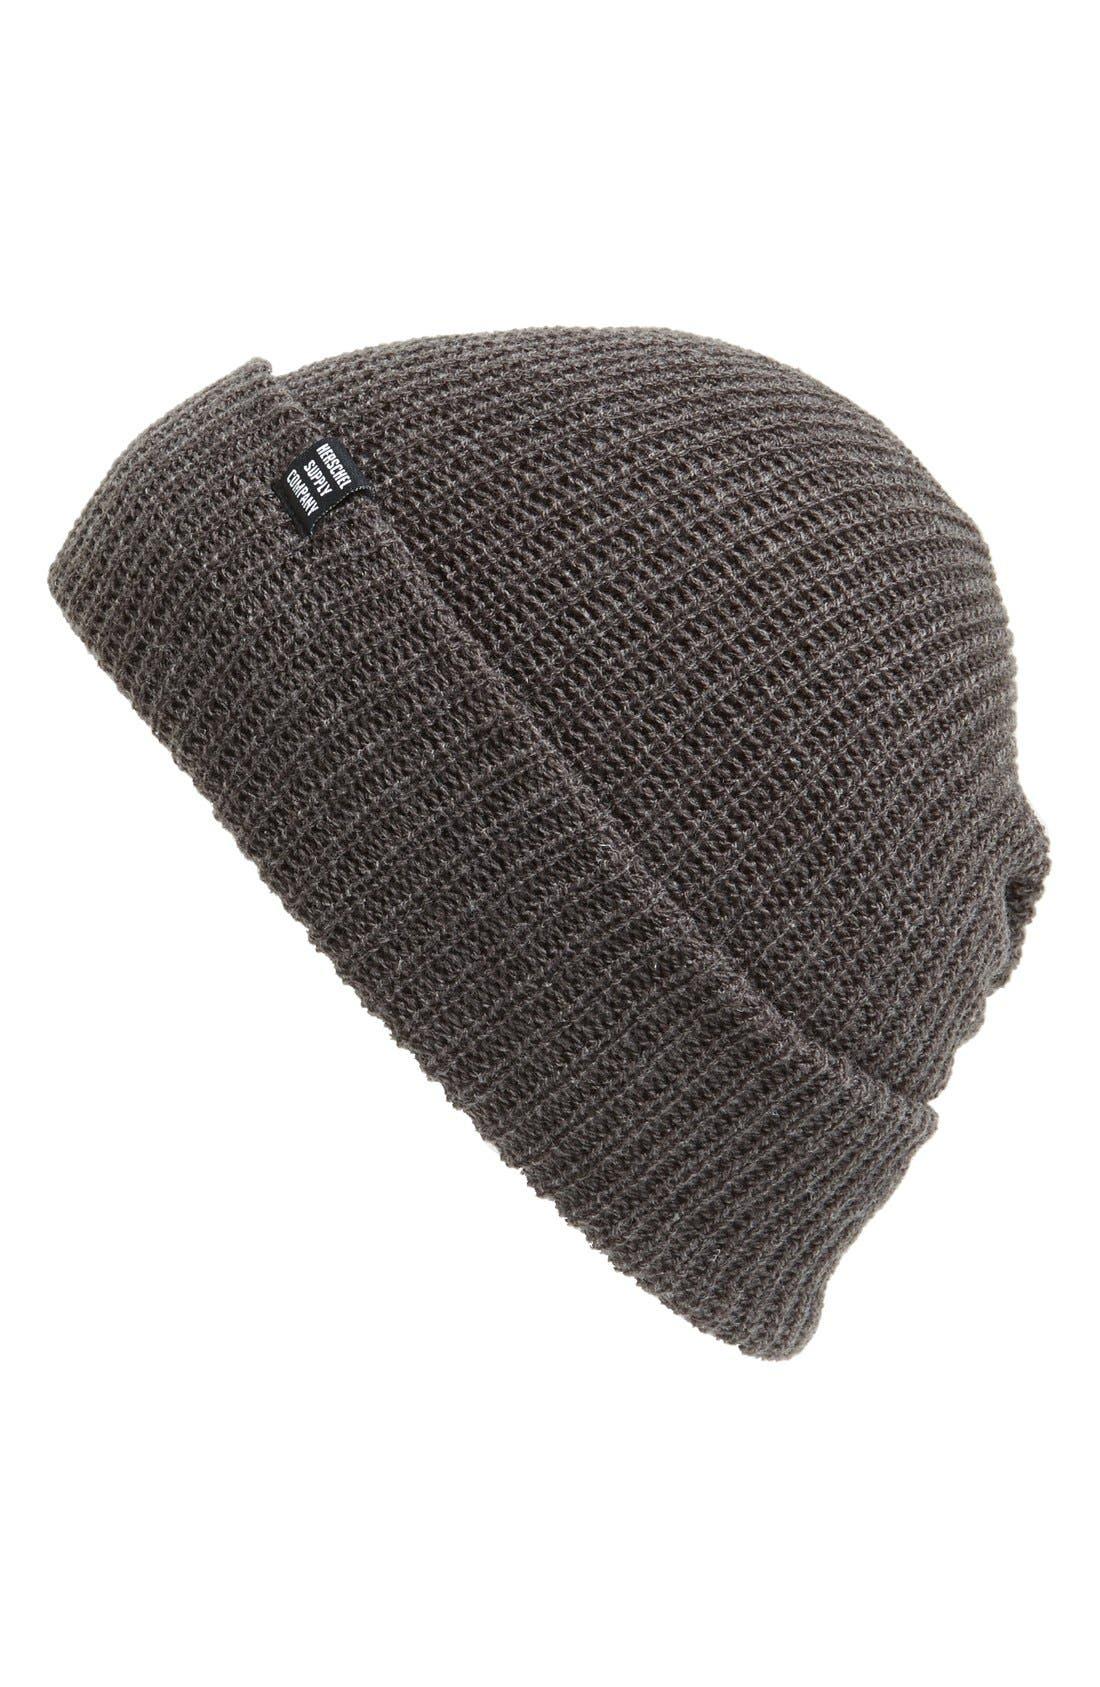 'Quartz' Solid Knit Cap,                             Main thumbnail 1, color,